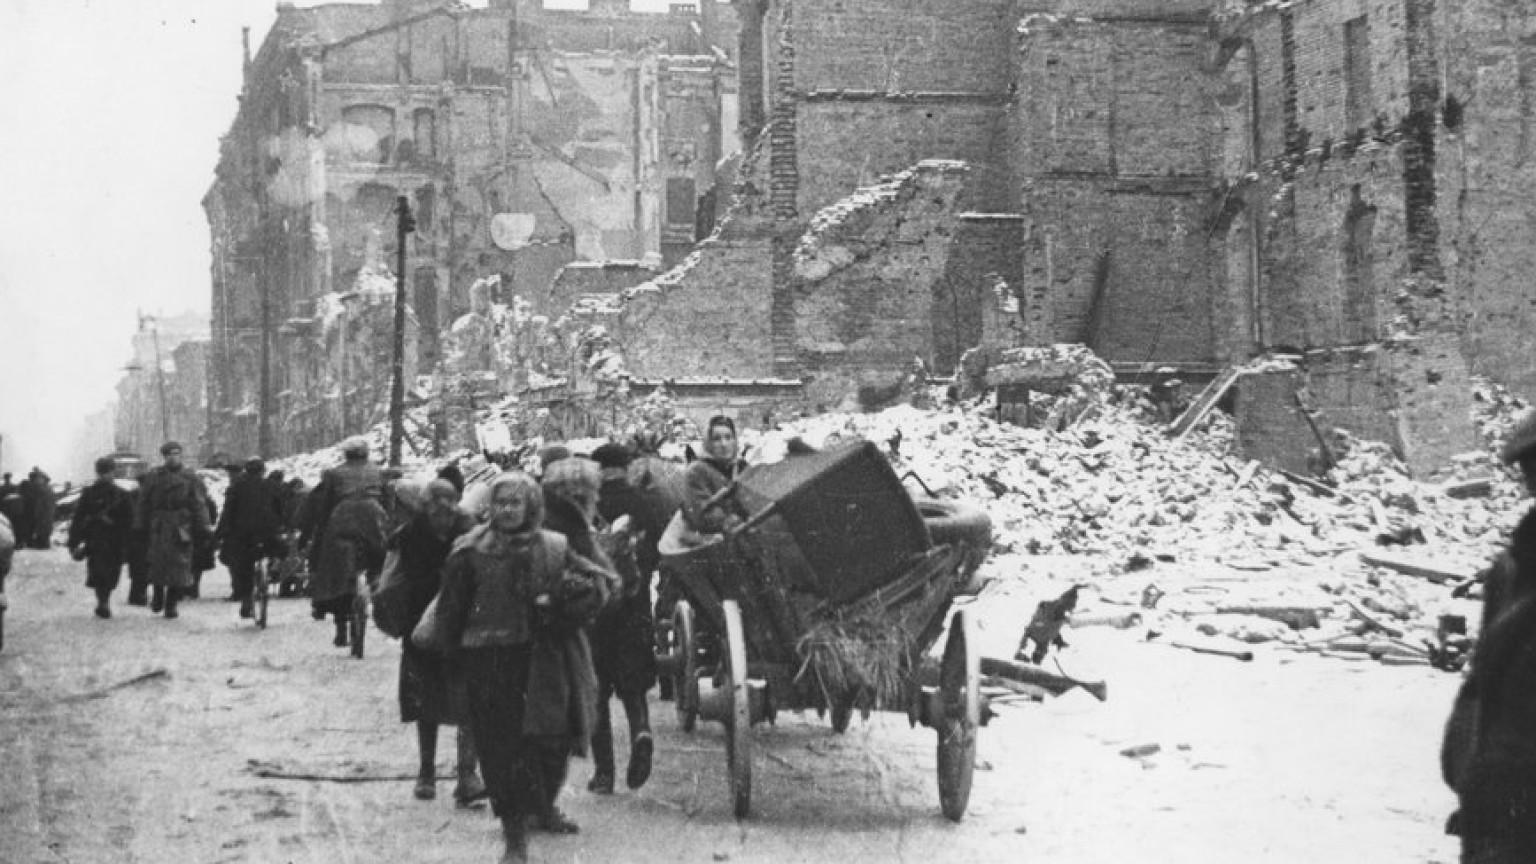 Zdjęcie dla kartki: Powroty 1945: Ulica Marszałkowska